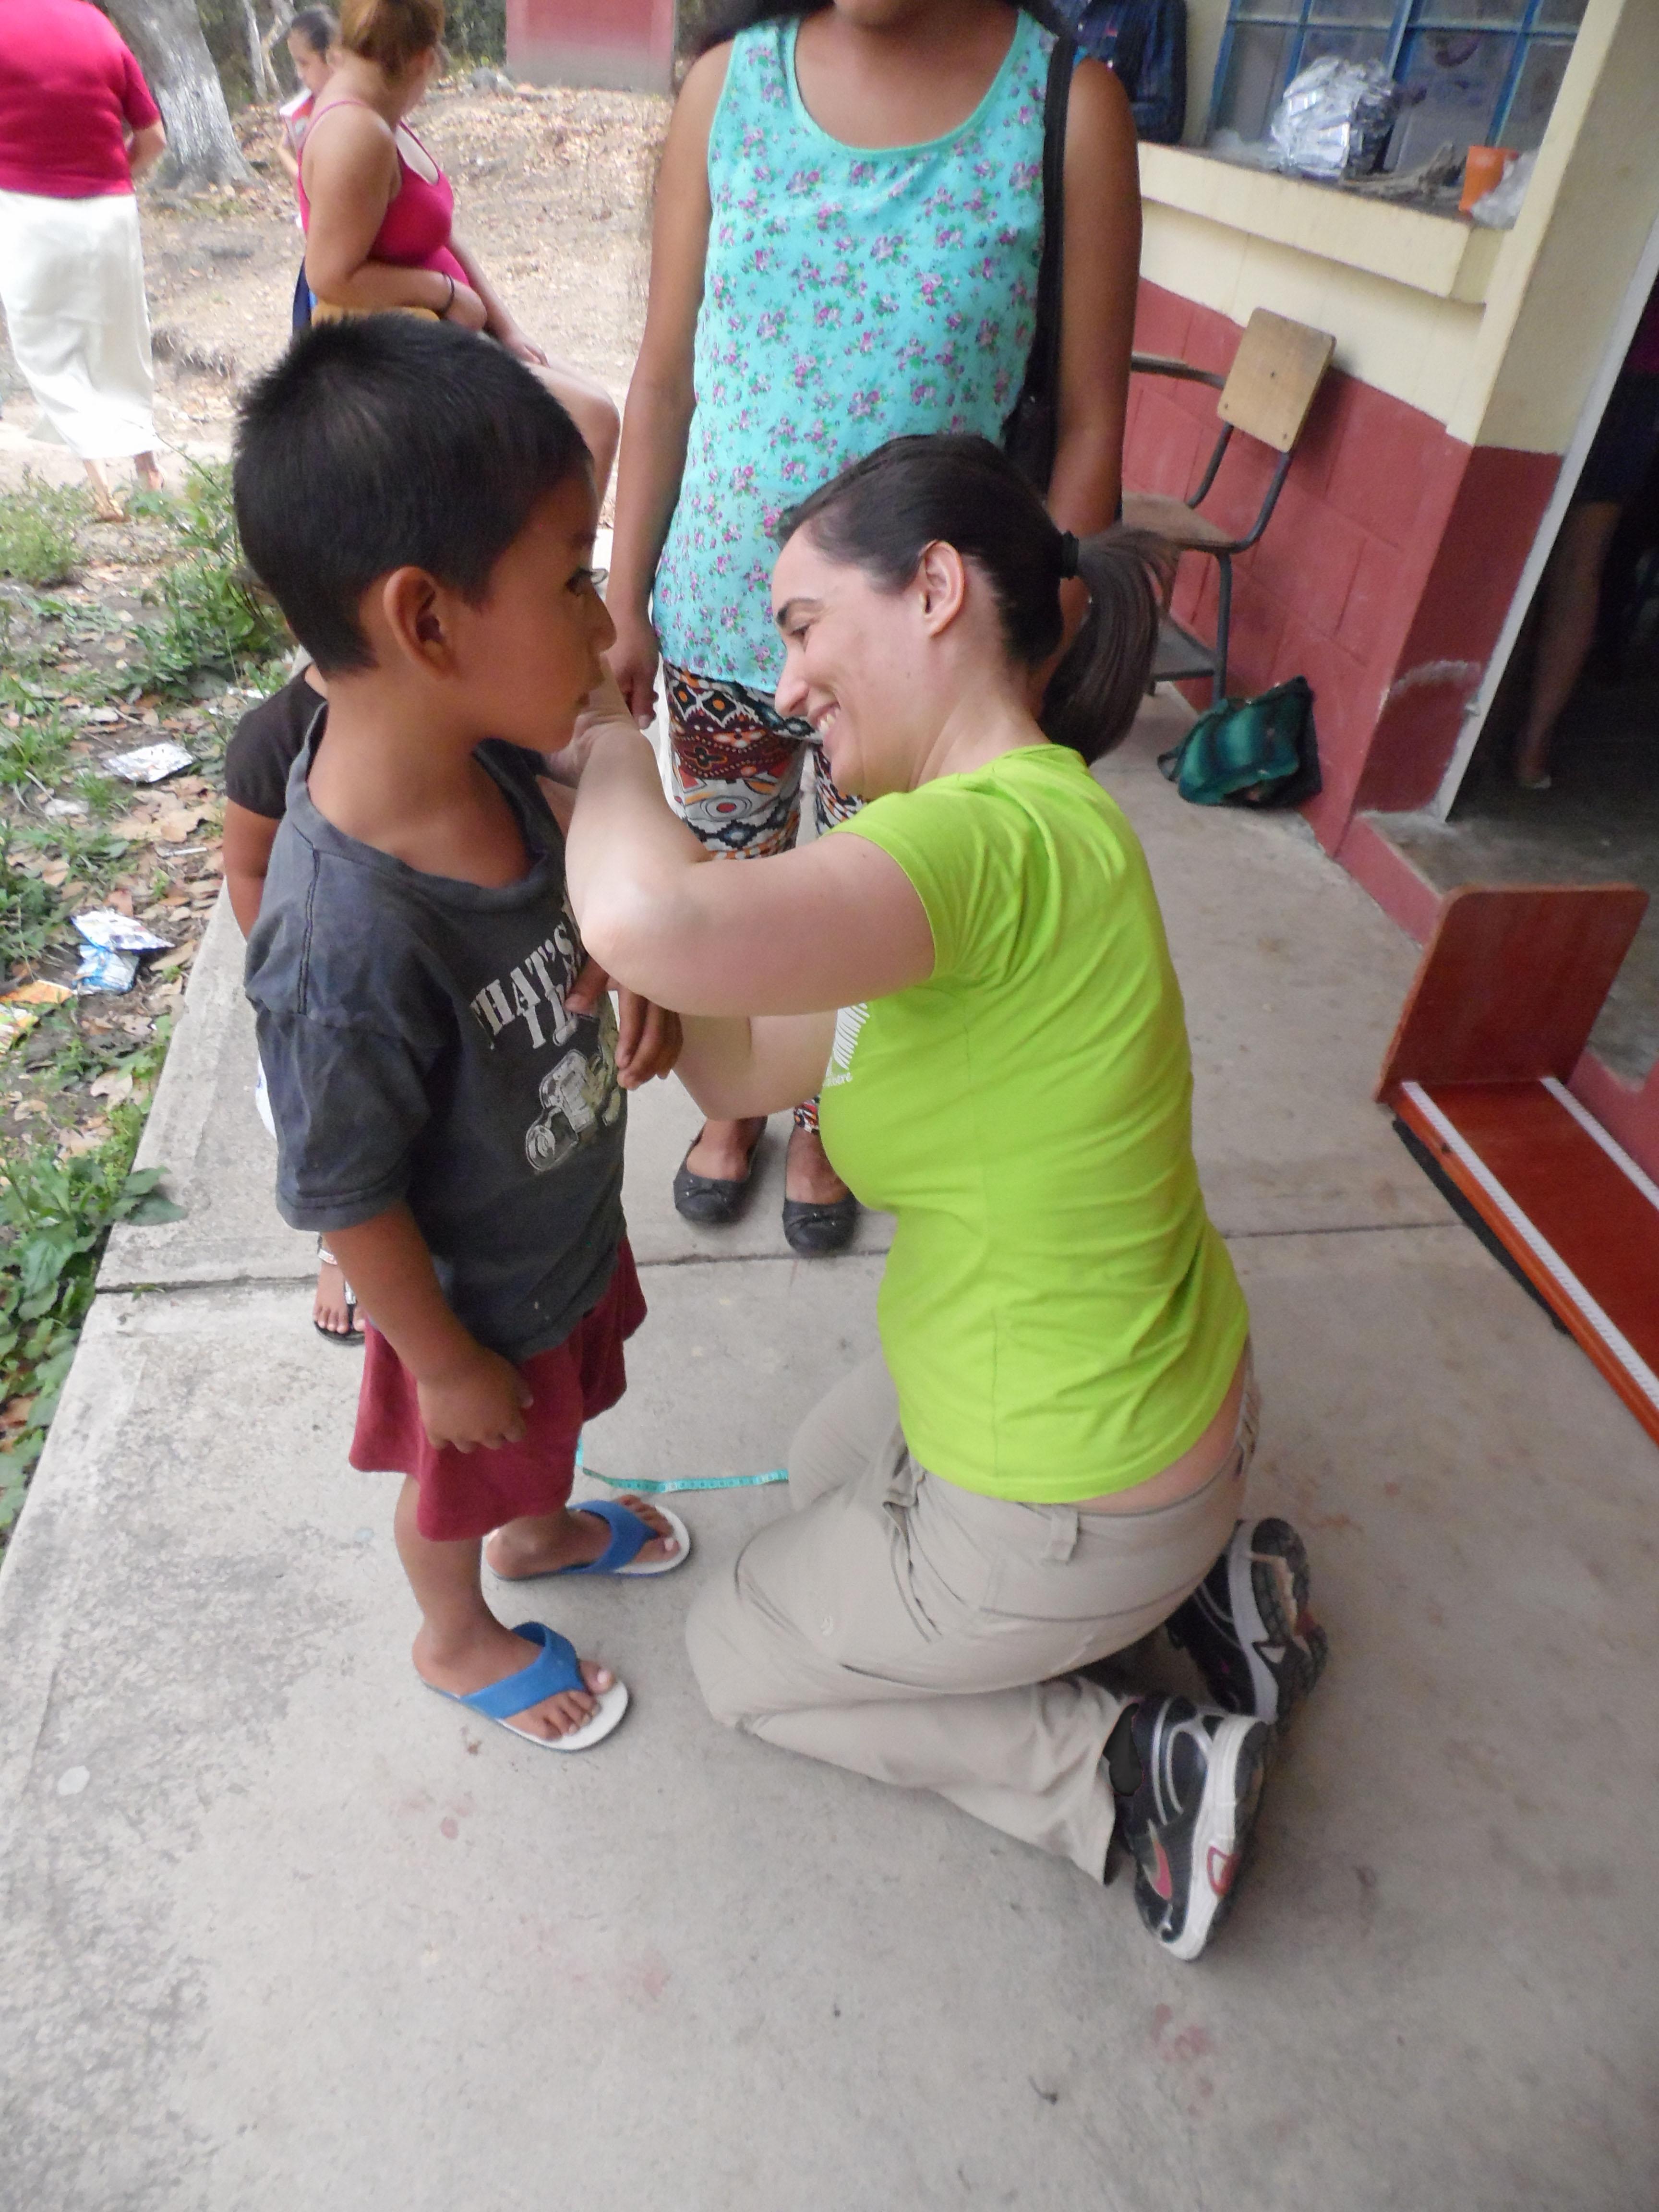 valentina-colasanti-nutrizionisti-senza-frontiere-malnutrizione-infantile-guatemala-volontariato-testimonianze